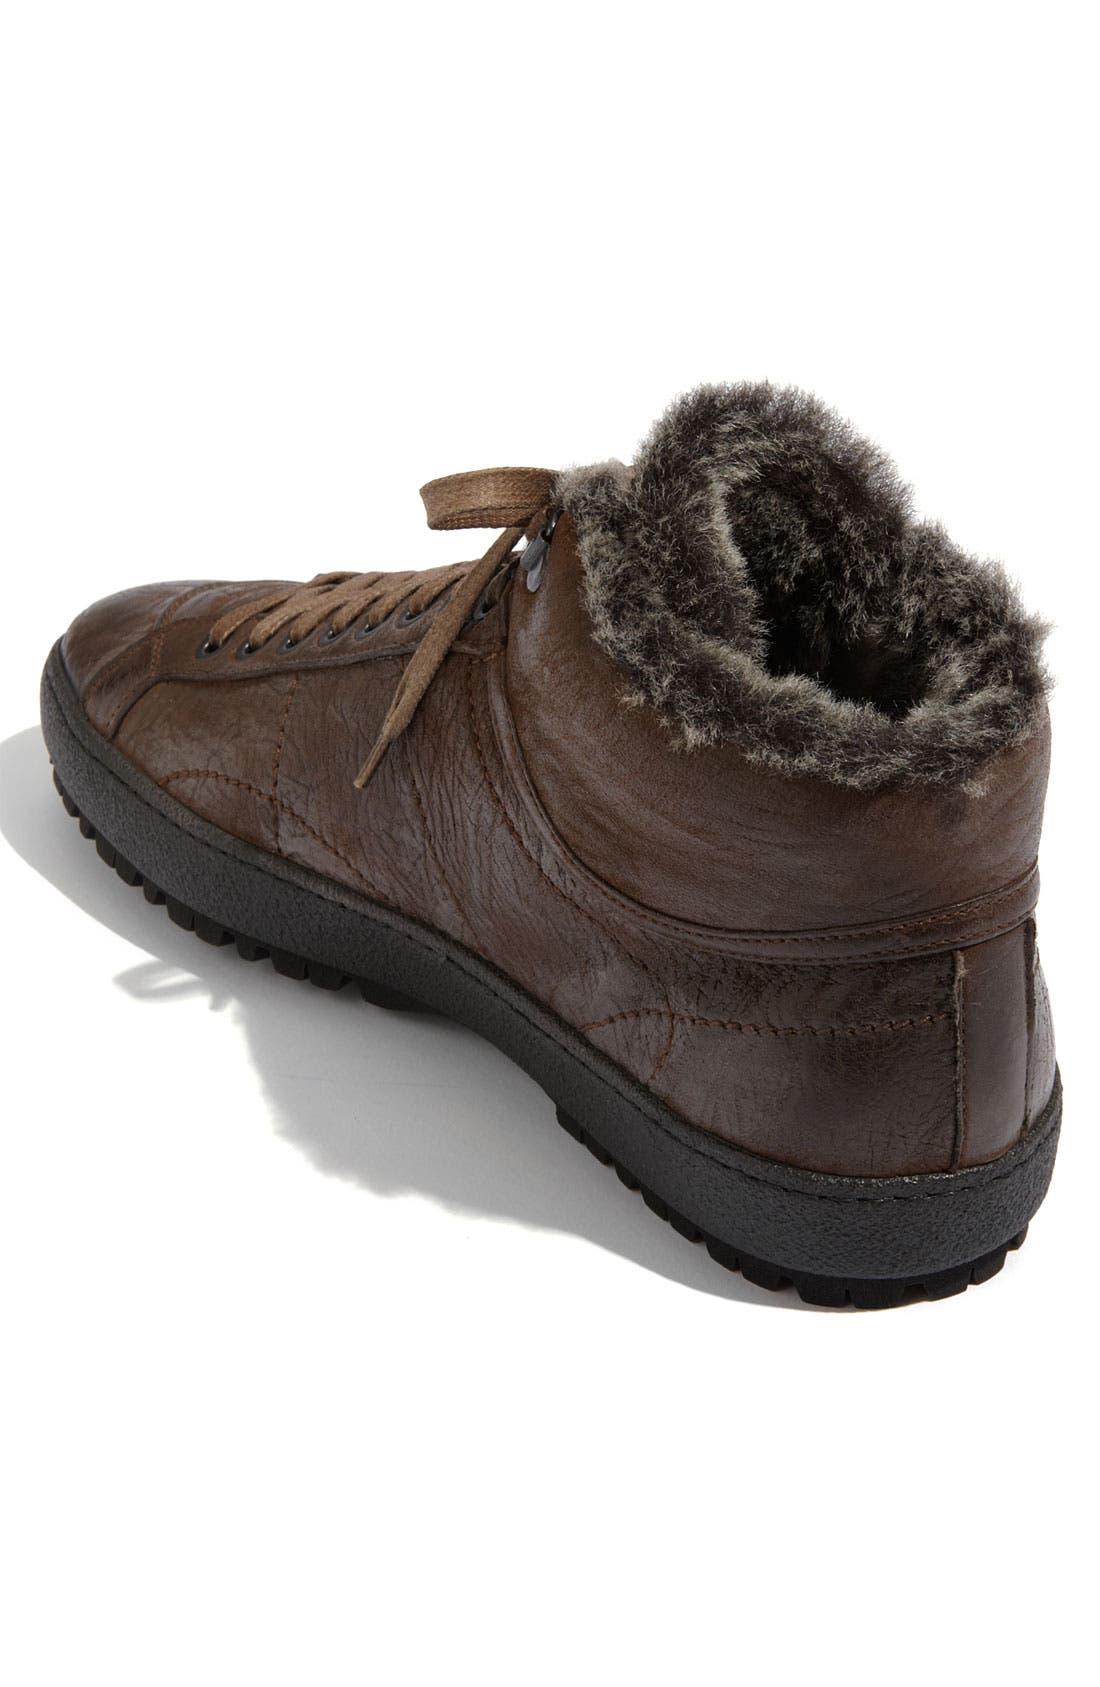 Alternate Image 2  - Santoni 'Dorado' Shearling Trimmed Sneaker